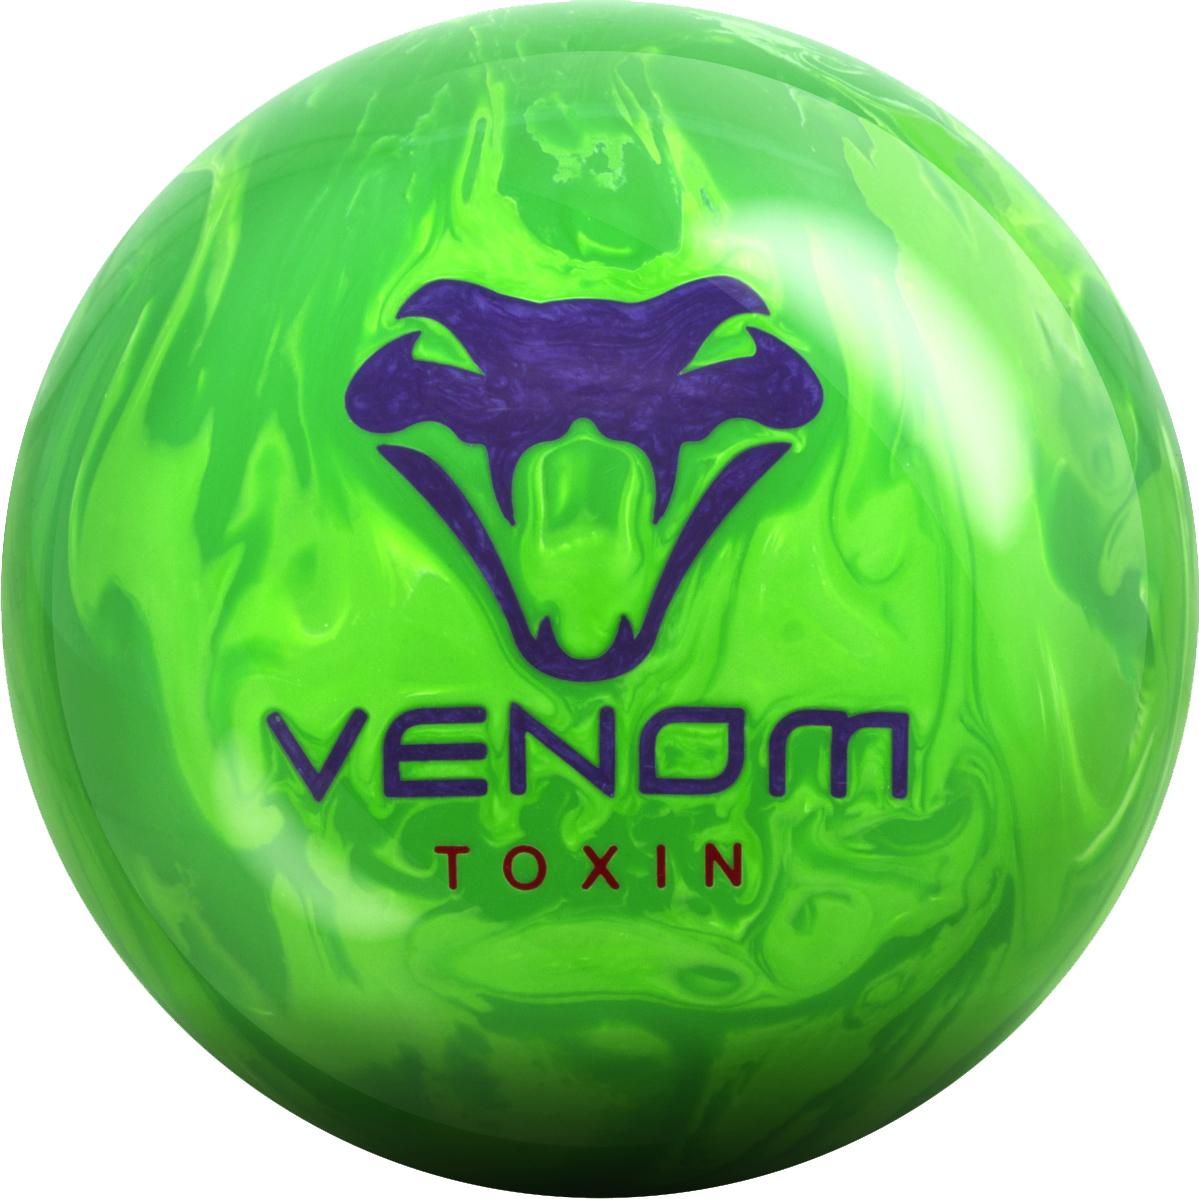 Venom Toxin Motiv